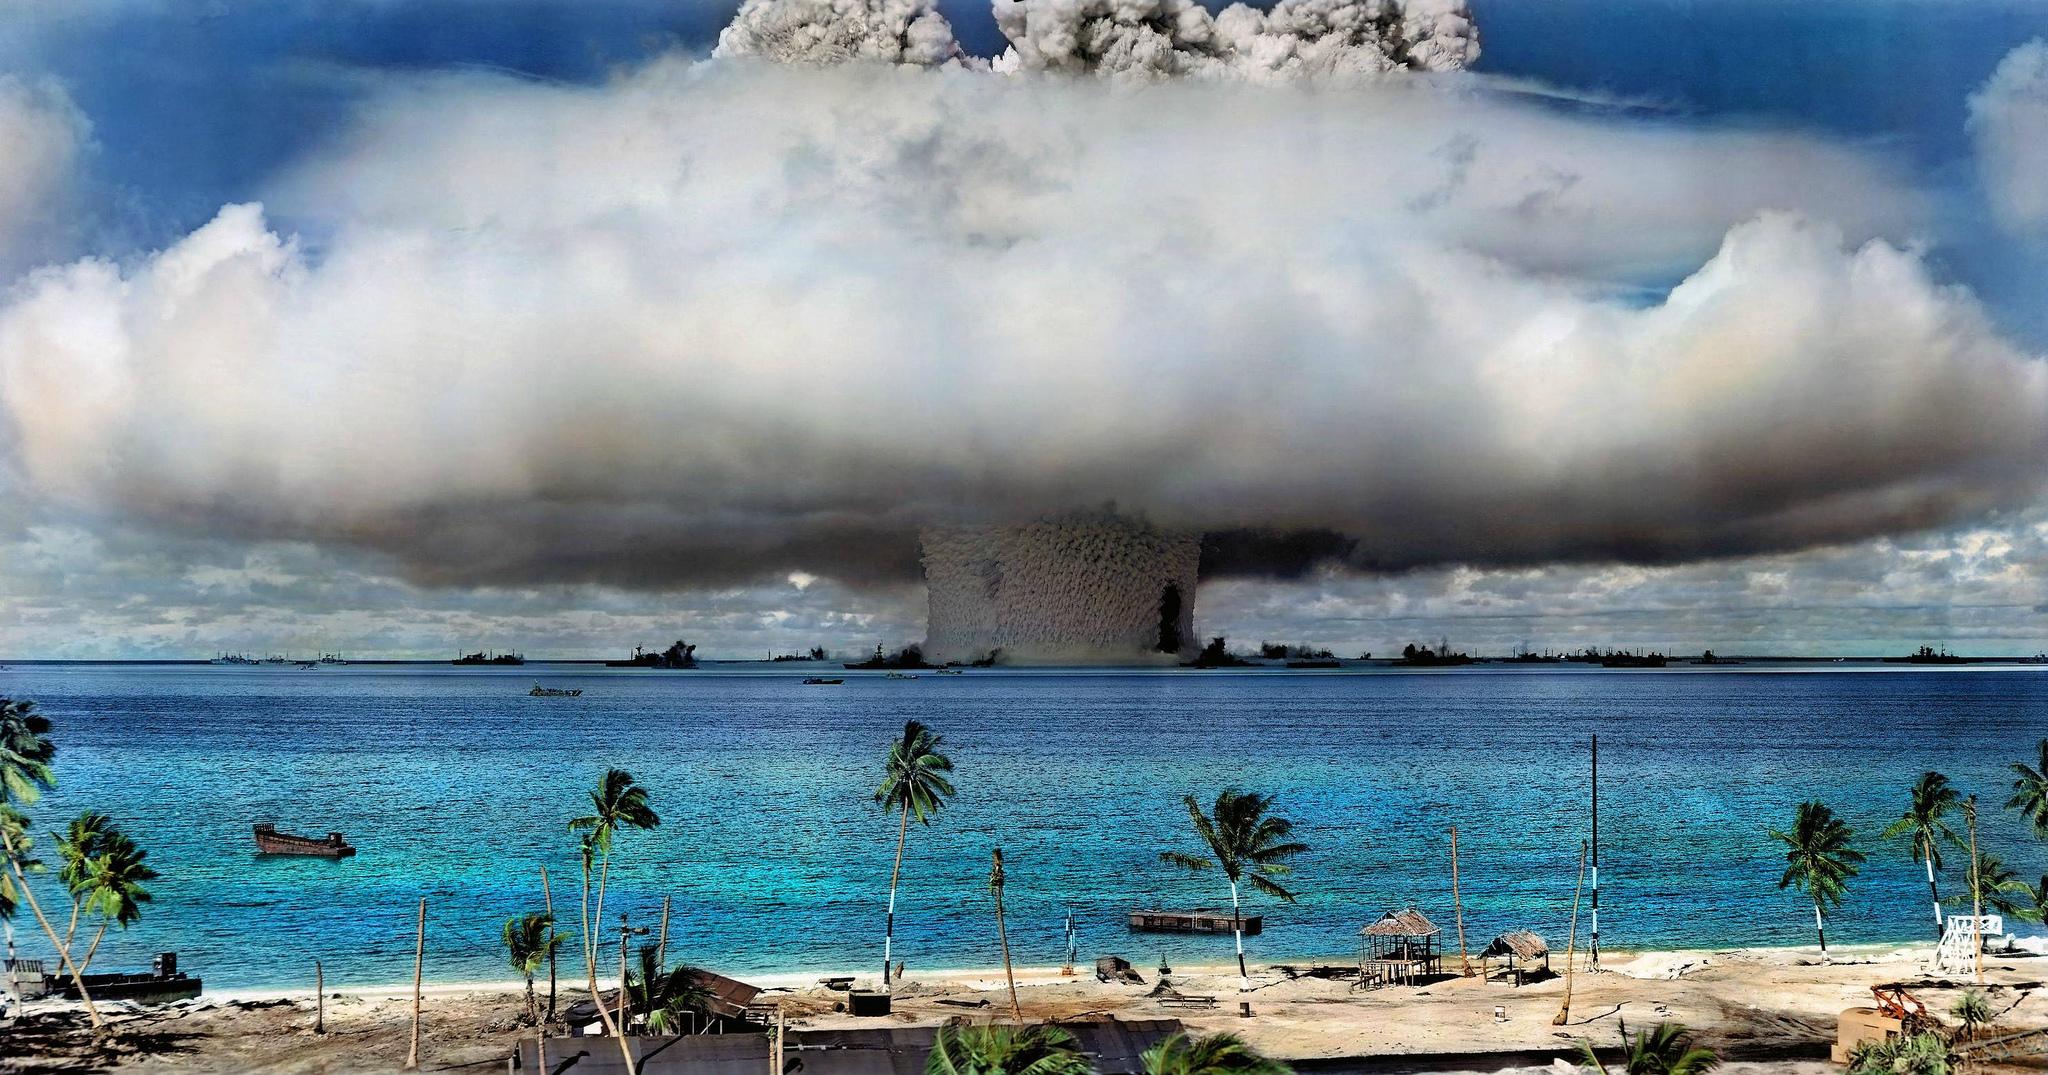 Un essai d'arme atomique mené par les États-Unis à proximité de l'atoll de Bikini, dans les îles Marshall. (Photo Flickr/International Campaign to Abolish Nuclear Weapons)